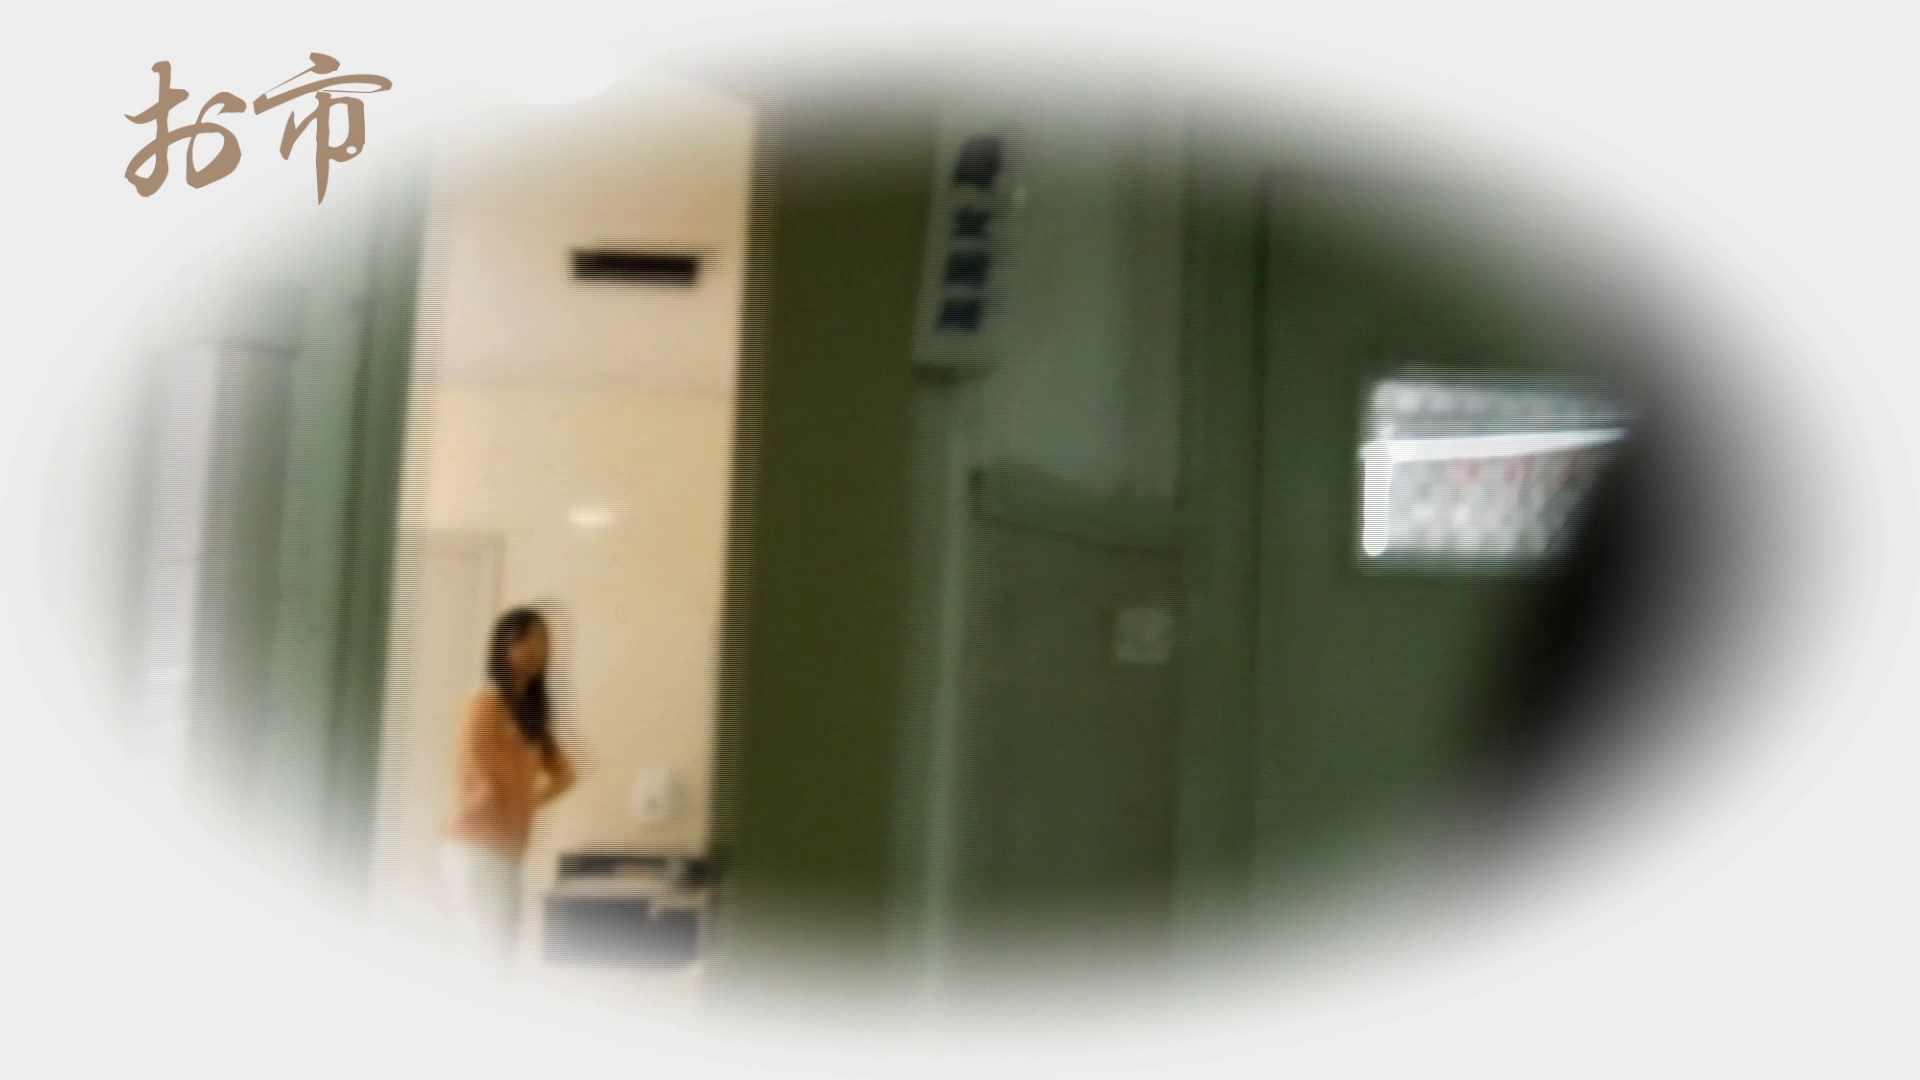 潜入!!台湾名門女学院 Vol.12 長身モデル驚き見たことないシチュエーション 細身・スレンダー   ギャルズ  53画像 1